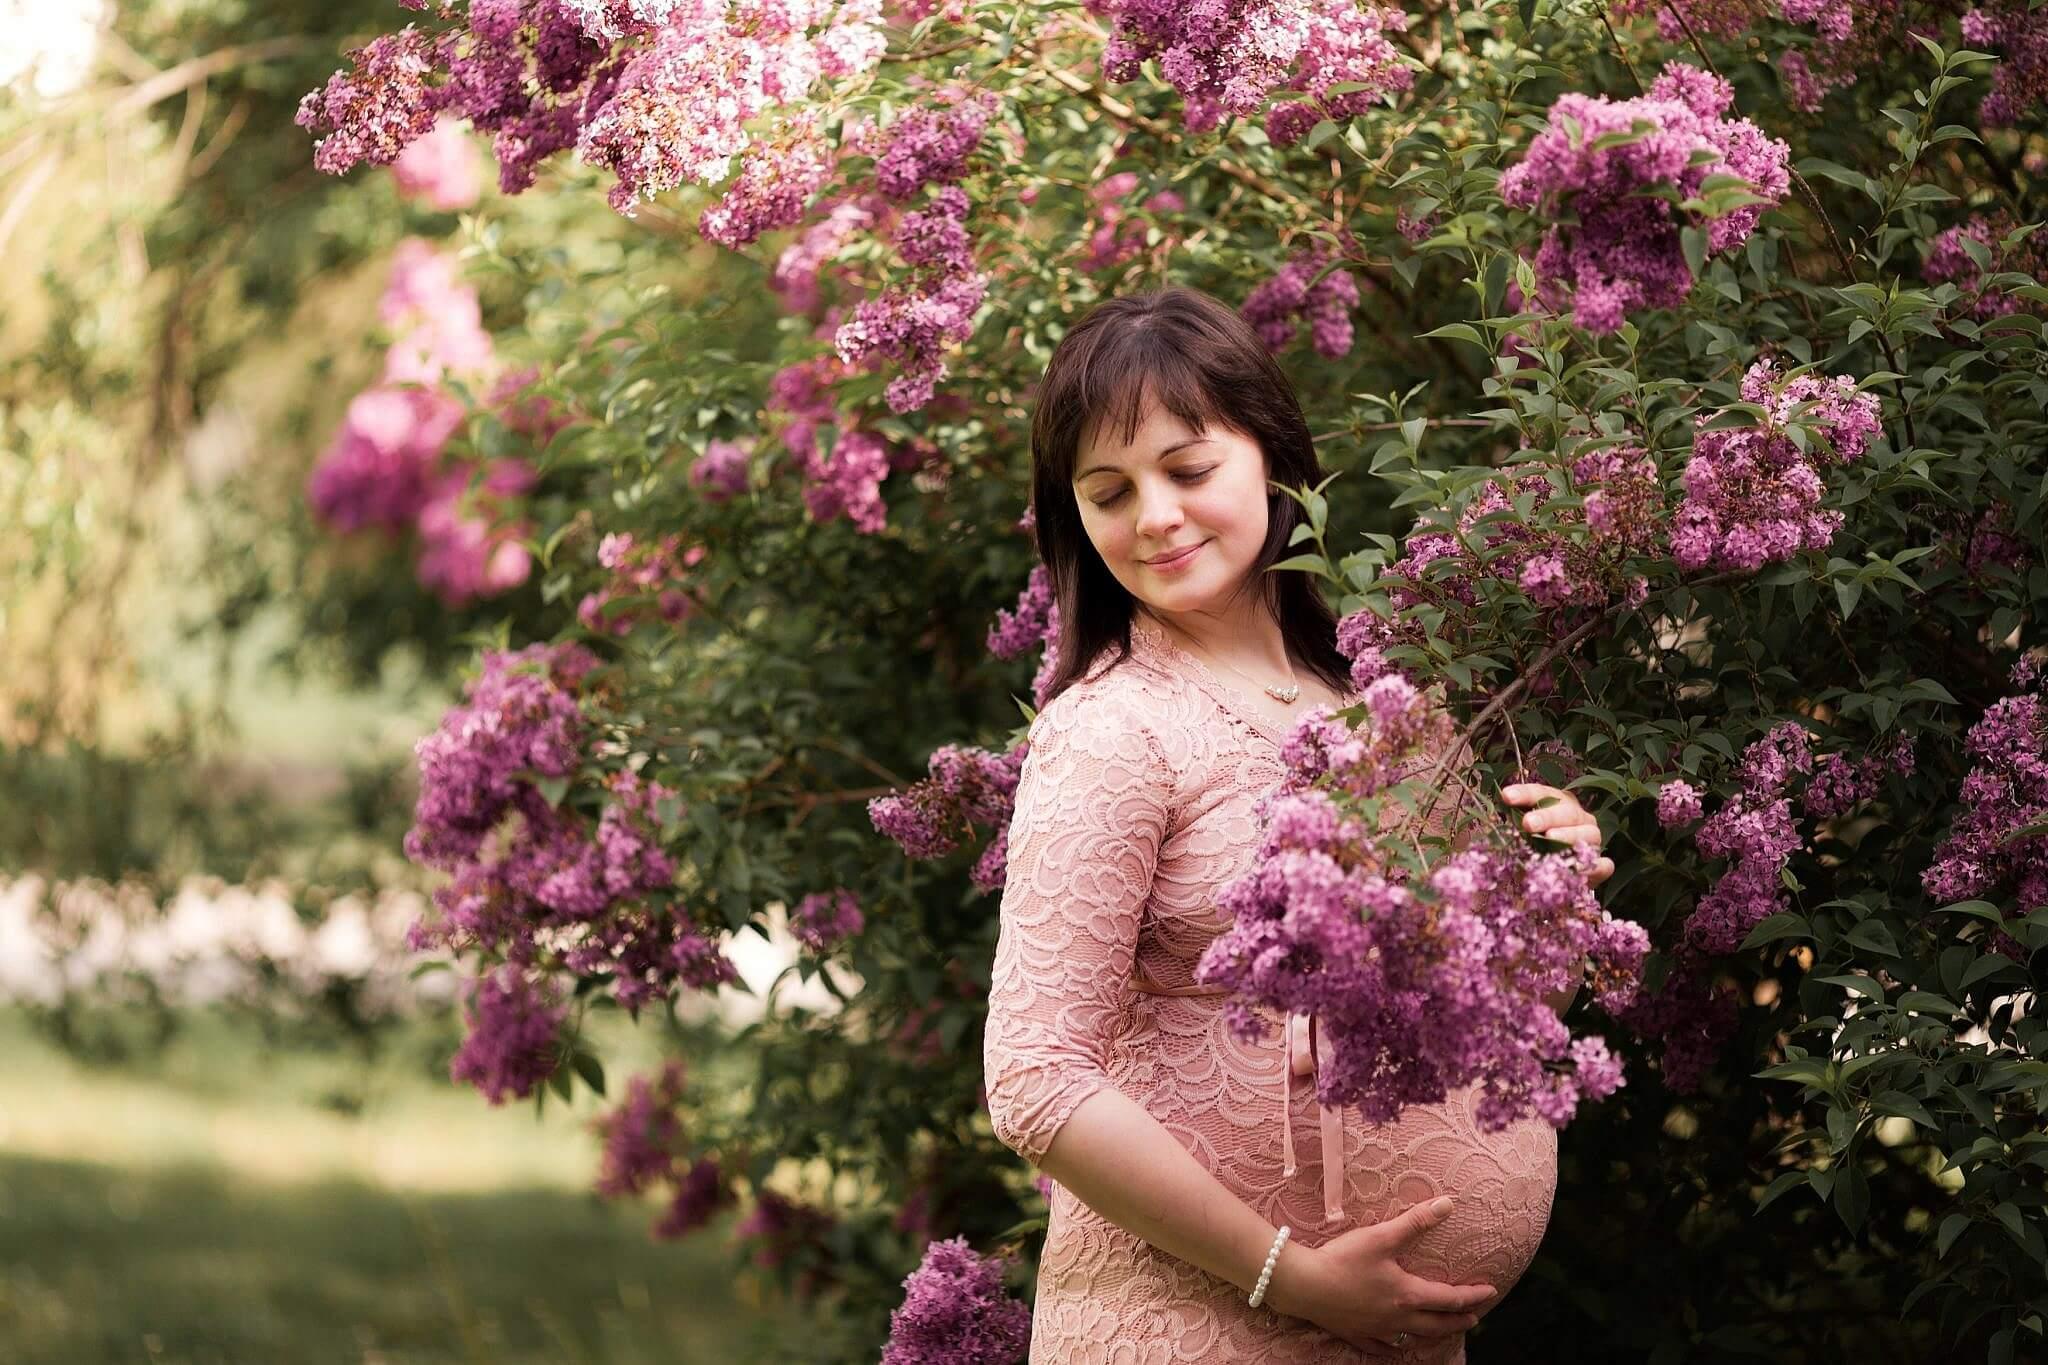 Schwangerschaftsfotografie in Munchen